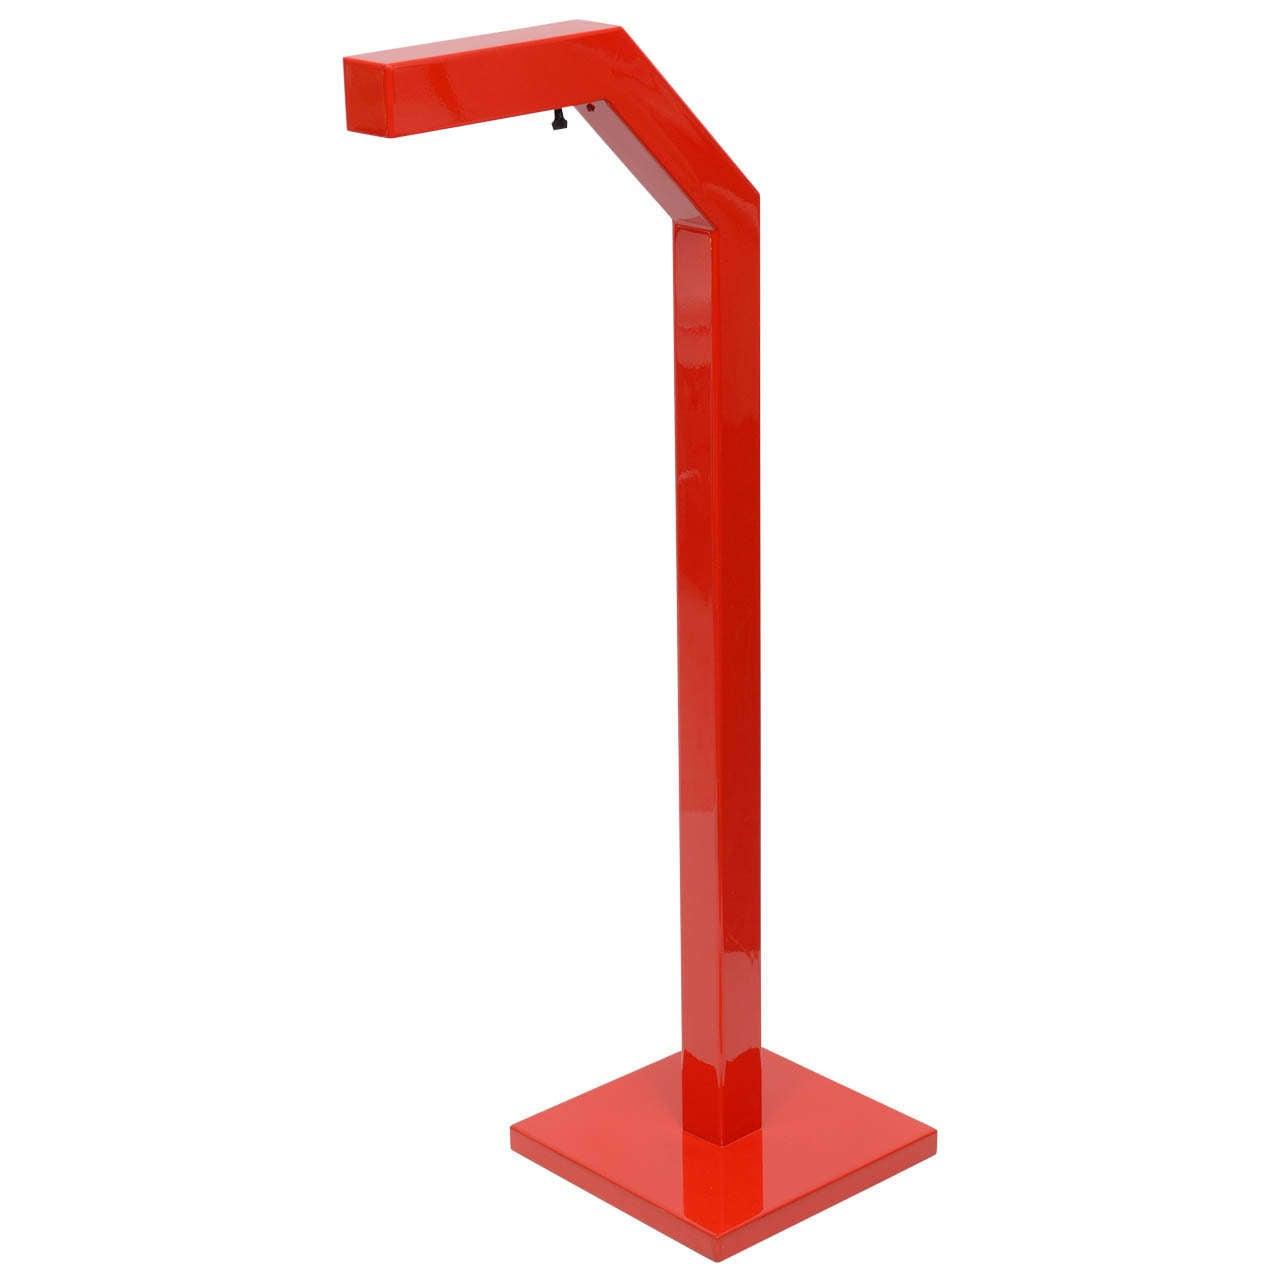 Modernist red floor lamp at 1stdibs for Red 5 light floor lamp